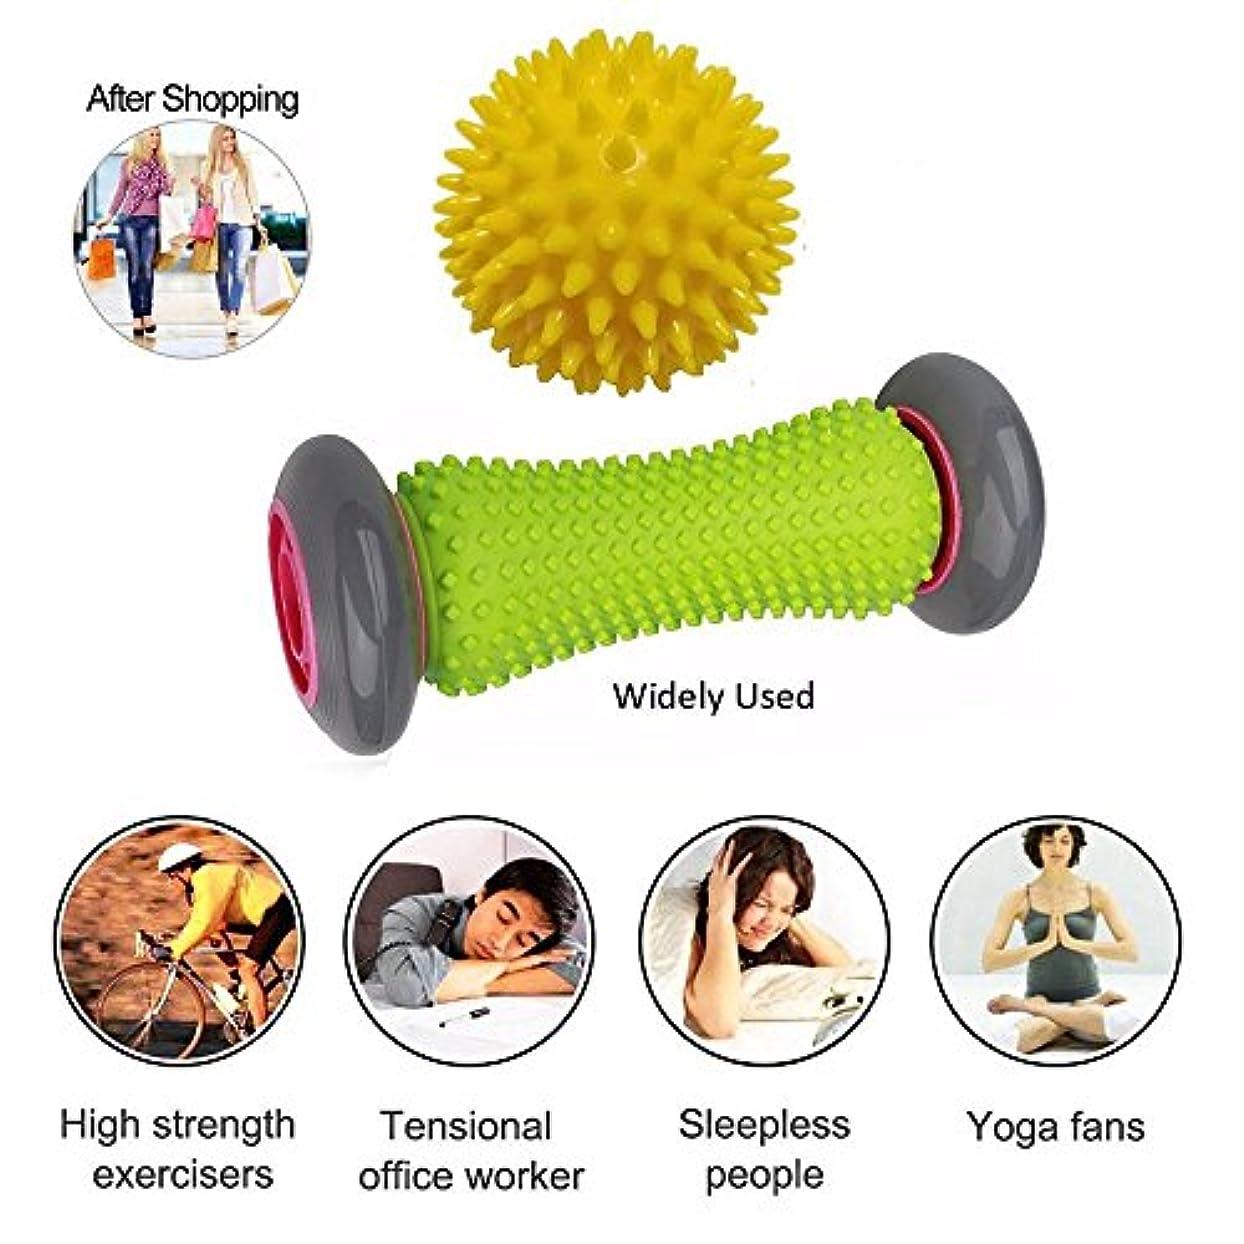 許す放出露出度の高いフットマッサージローラー - アメージングモール - 理想的な足の痛みの救済マッサージ - フットマッサージャーのためのヒールスパー - 効果的なローラーの足のローラーマッサージ - 推奨フットマッサージャーランナー - 1ローラーと1つのスパイクボールが含まれています